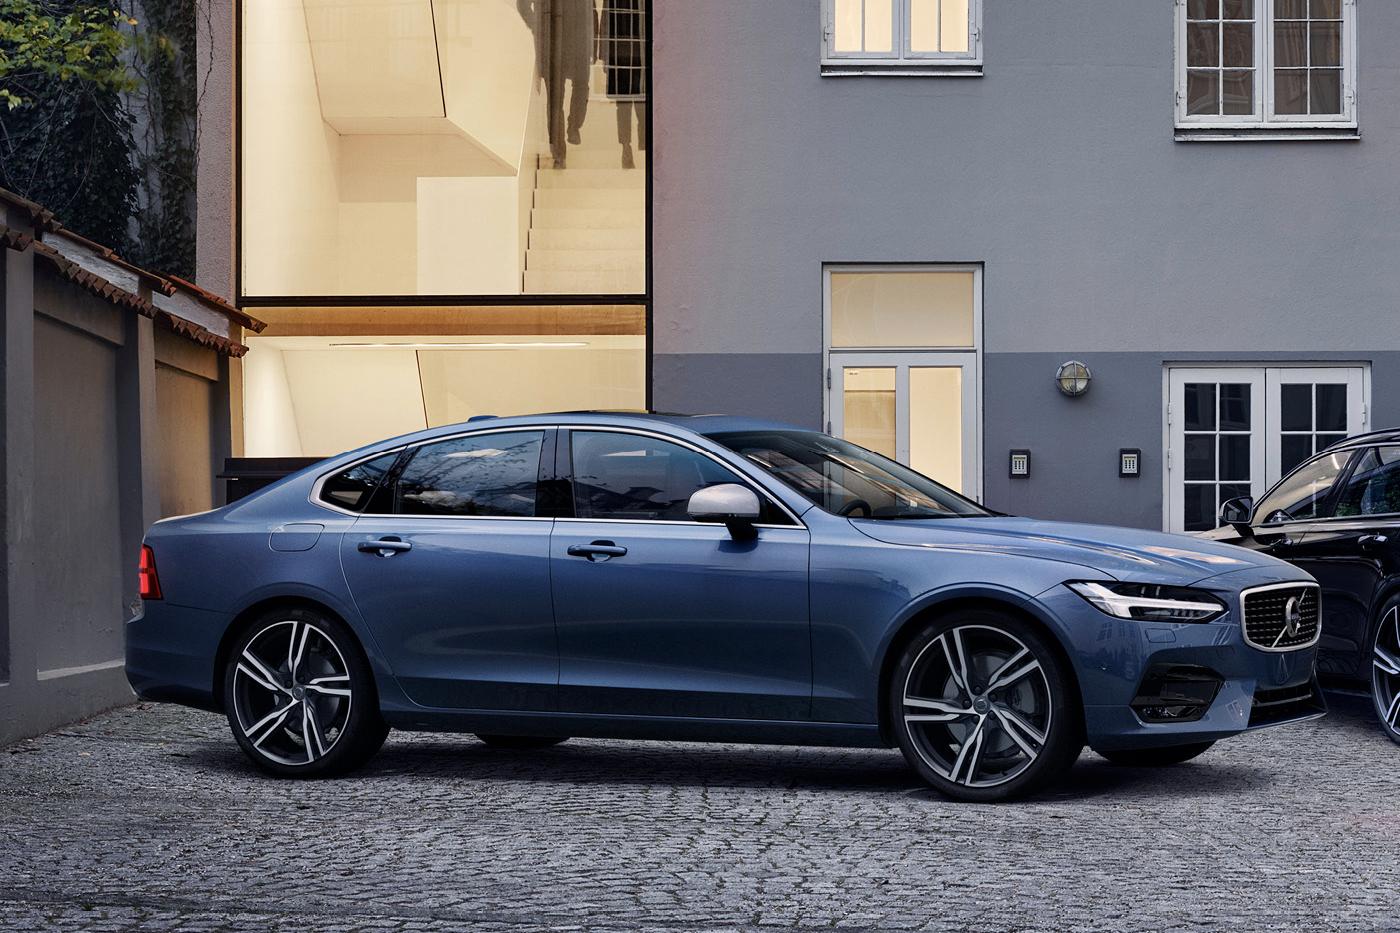 Blå metallic Volvo V90 parkert utenfor et bykvartal